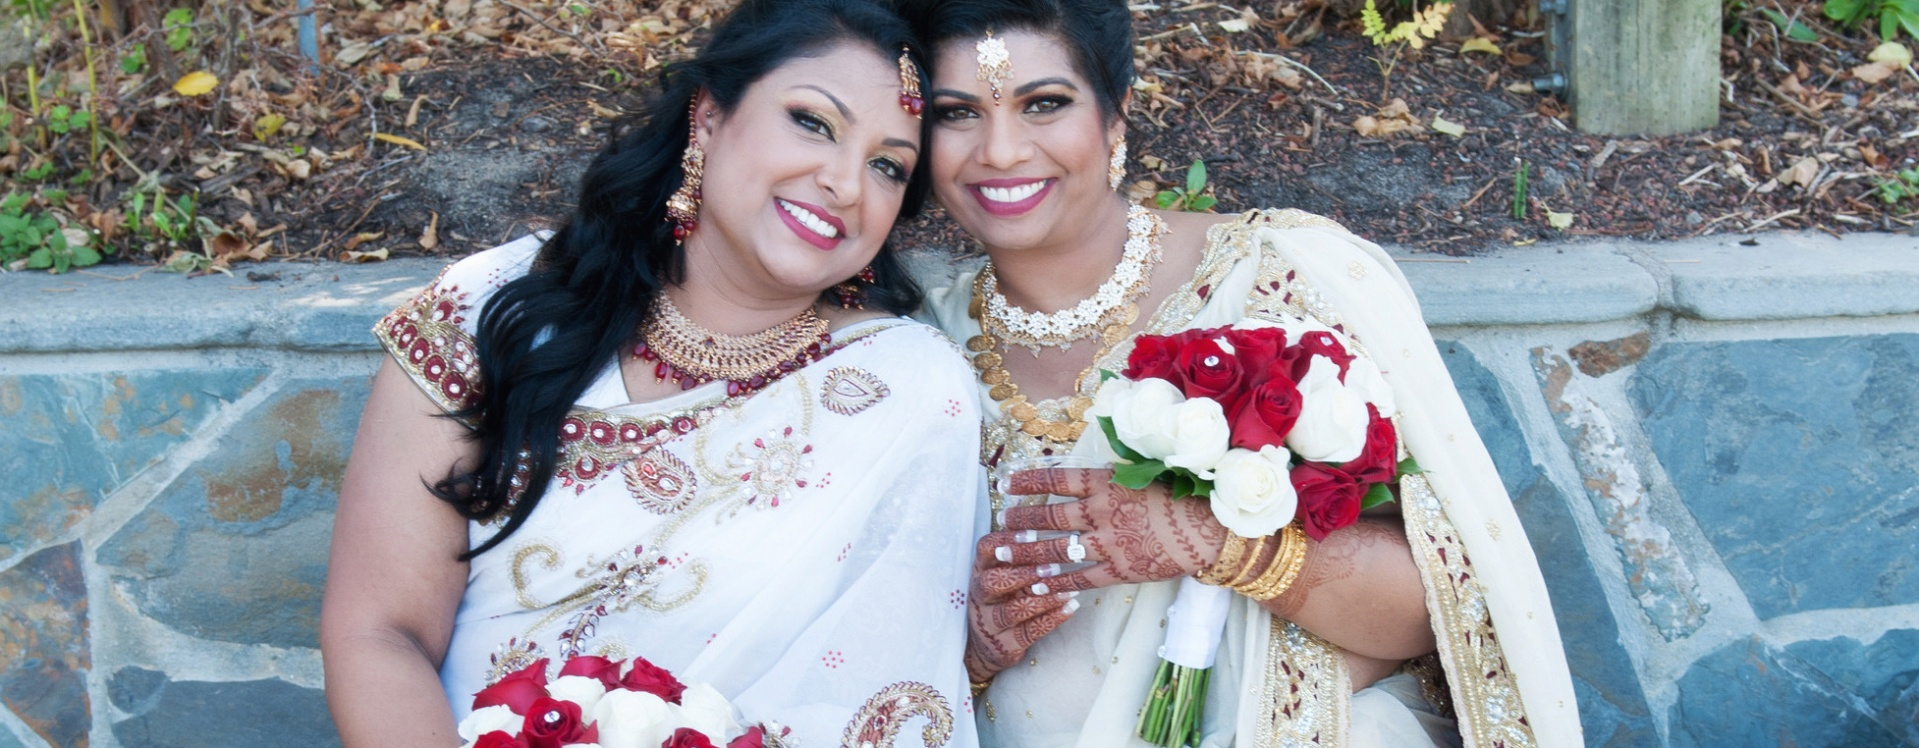 2 Beautiful Brides Divya And Manju Walnut Creek Ca